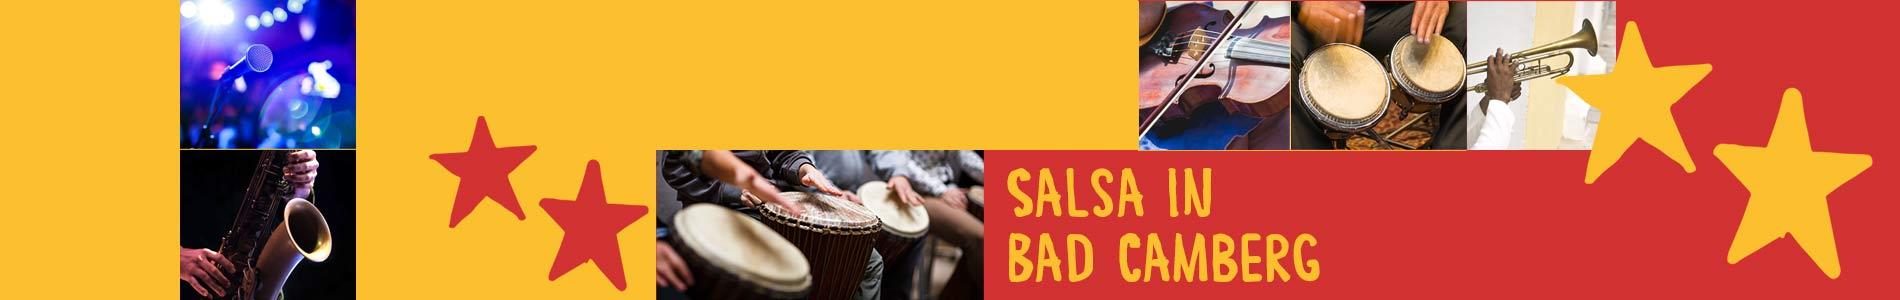 Salsa in Bad Camberg – Salsa lernen und tanzen, Tanzkurse, Partys, Veranstaltungen